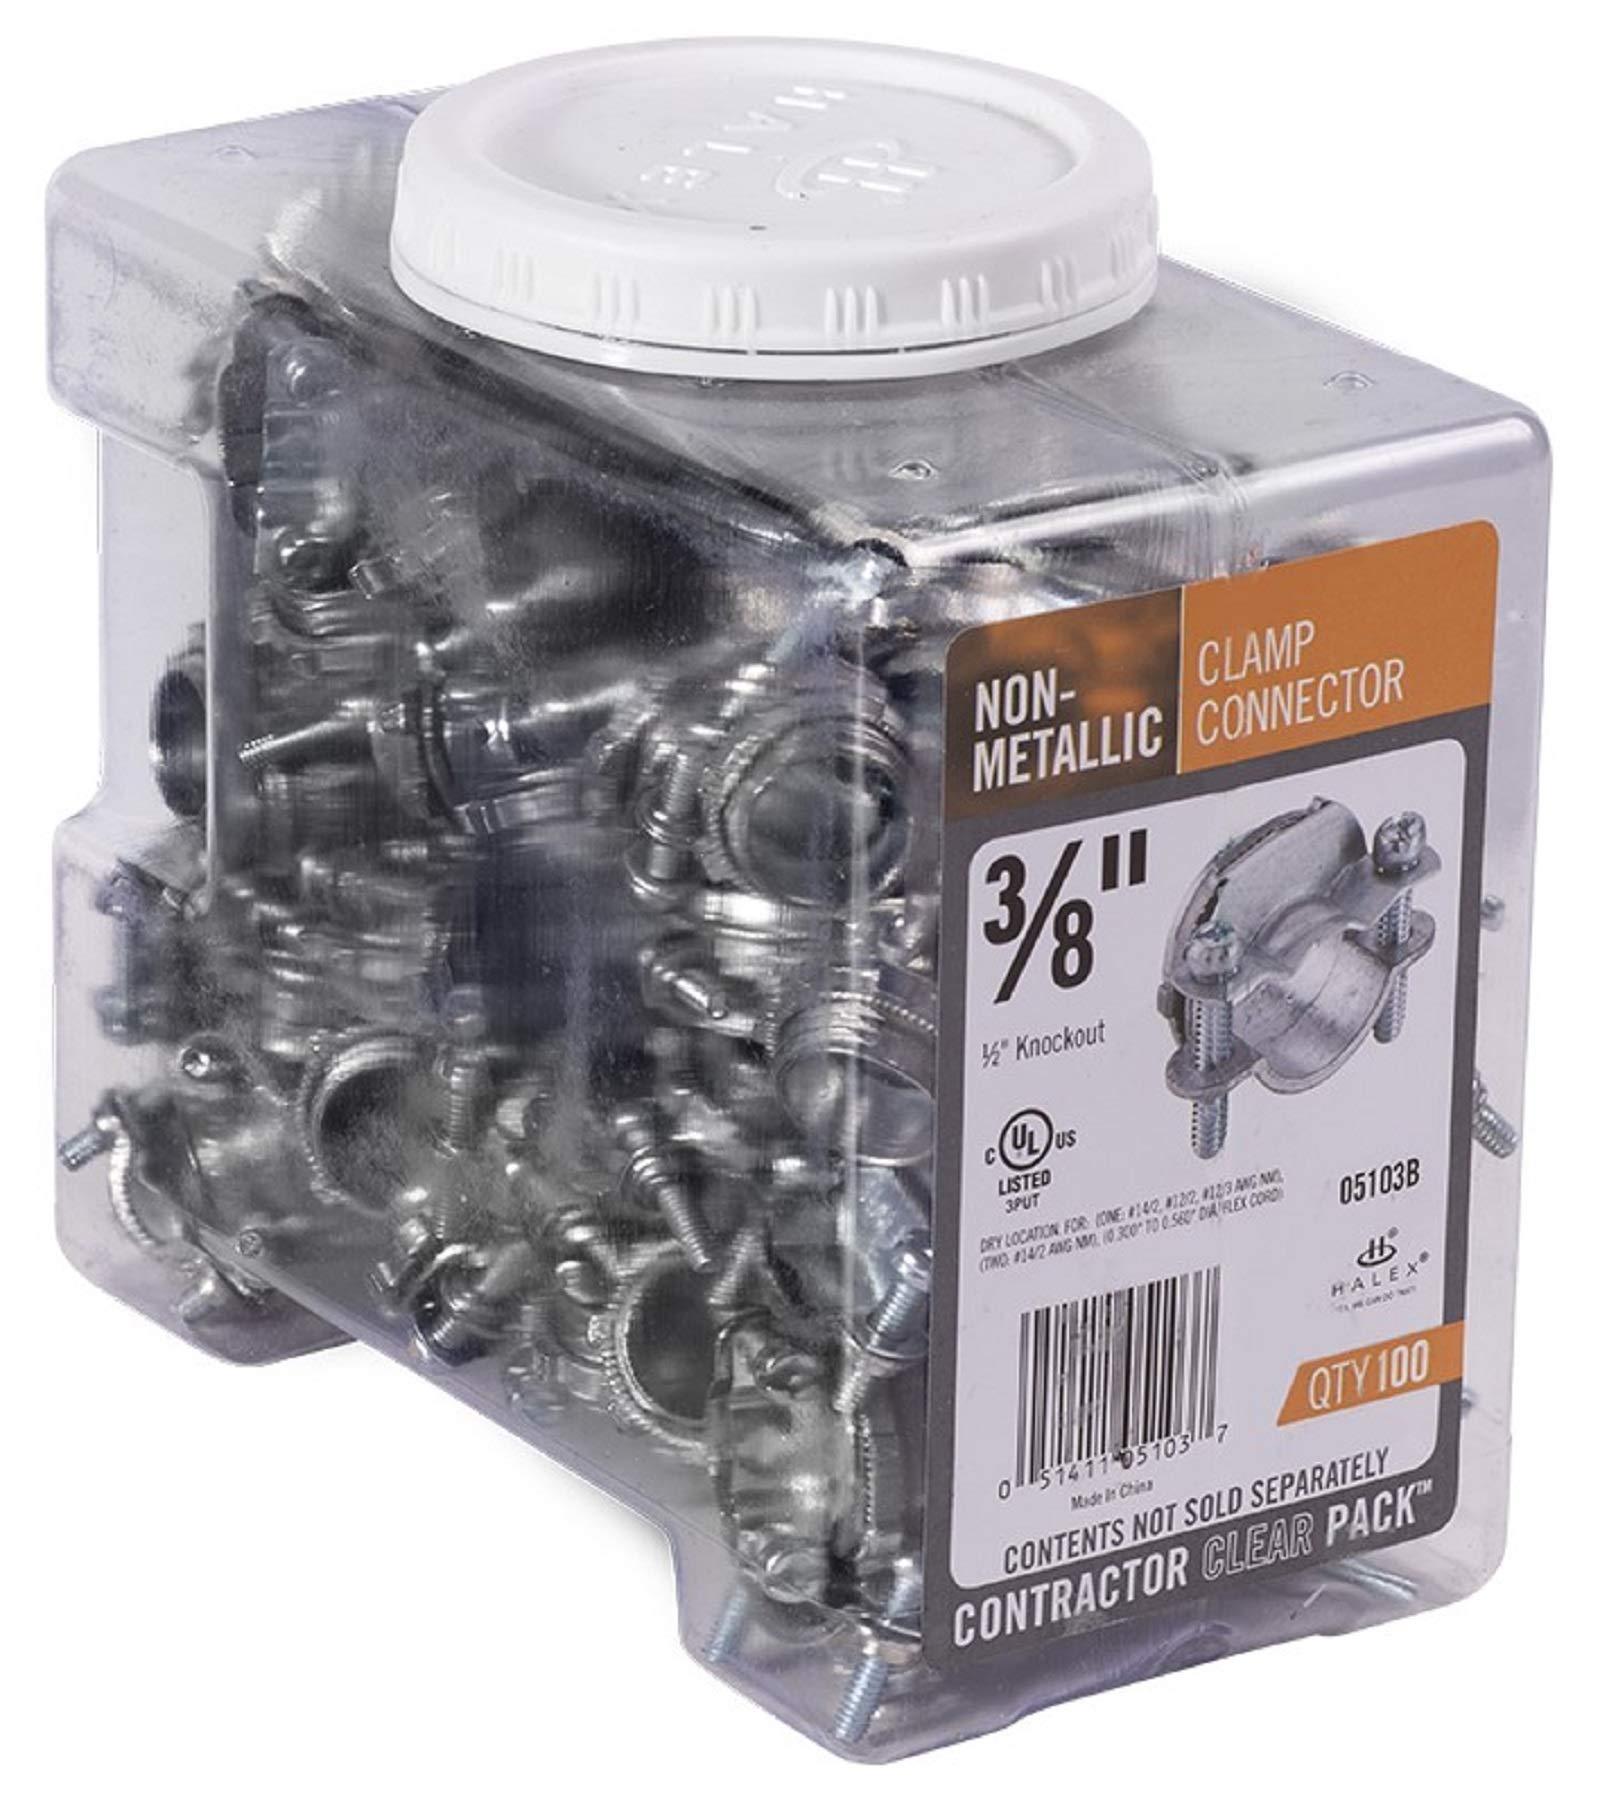 Halex 05103B NON-METALLIC CLAMP CONNECTOR 100/CCP 3/8'' Silver